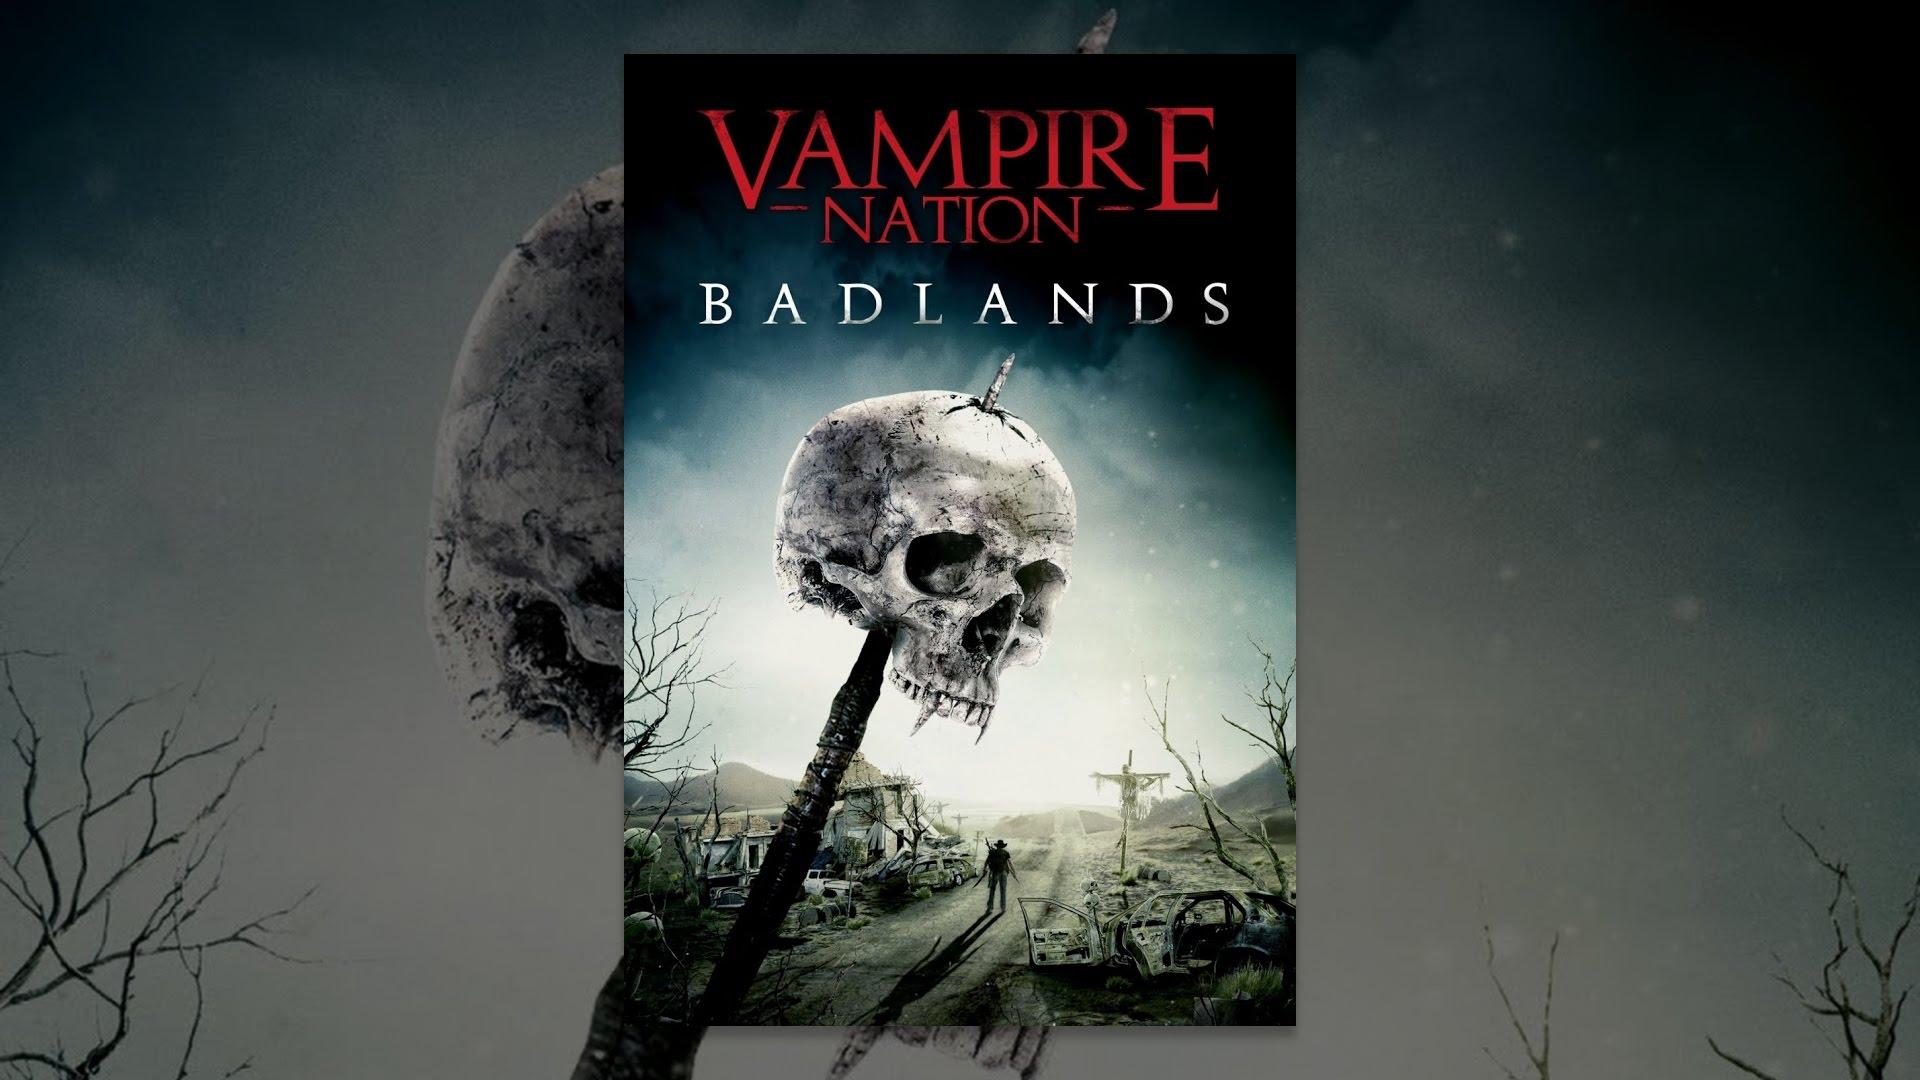 vampire nation badlands